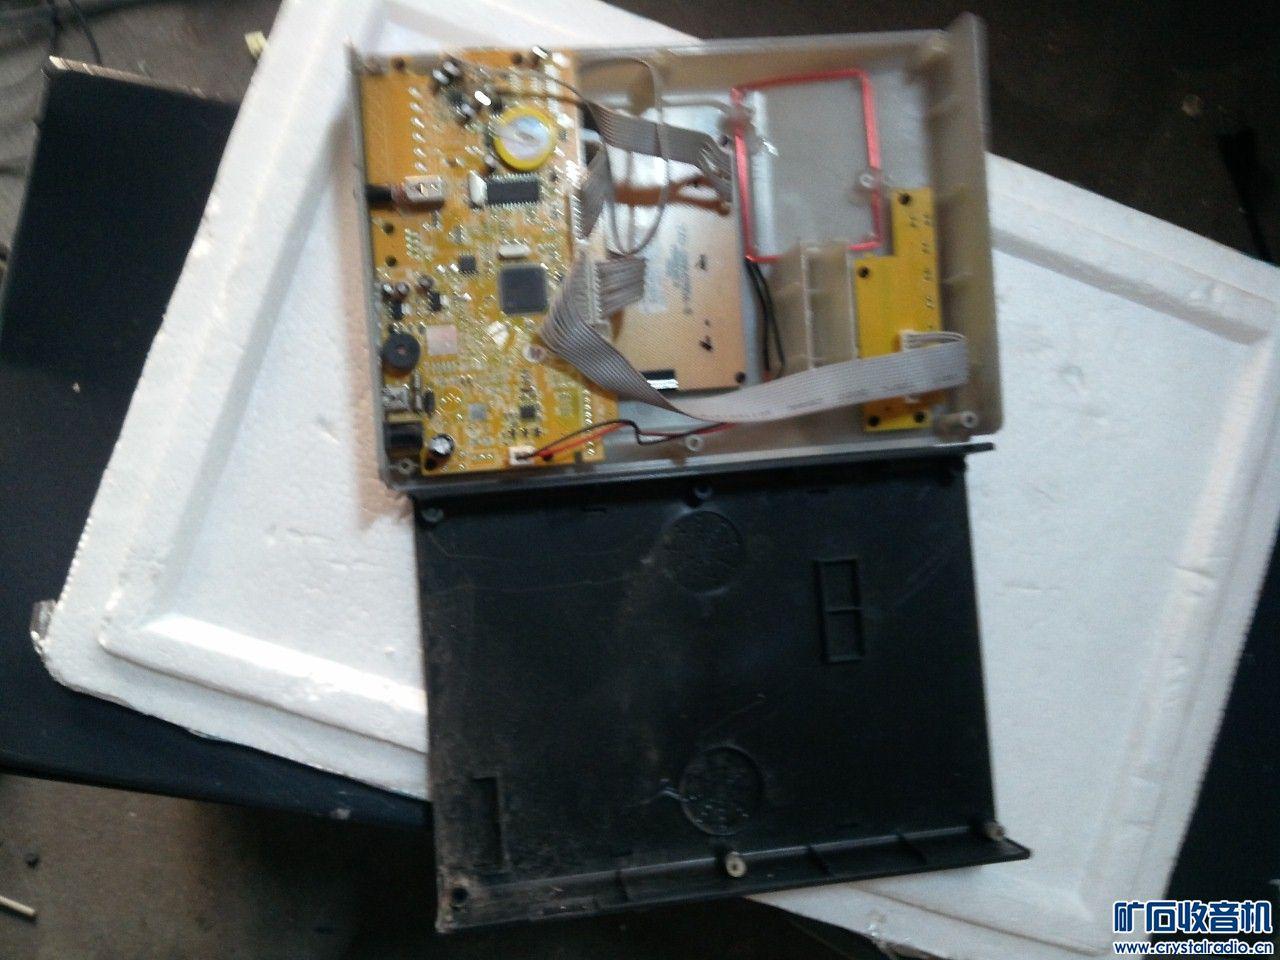 无线打卡主机,上电操作正常,就是背光灯有点闪,研究价15元 (2).jpg